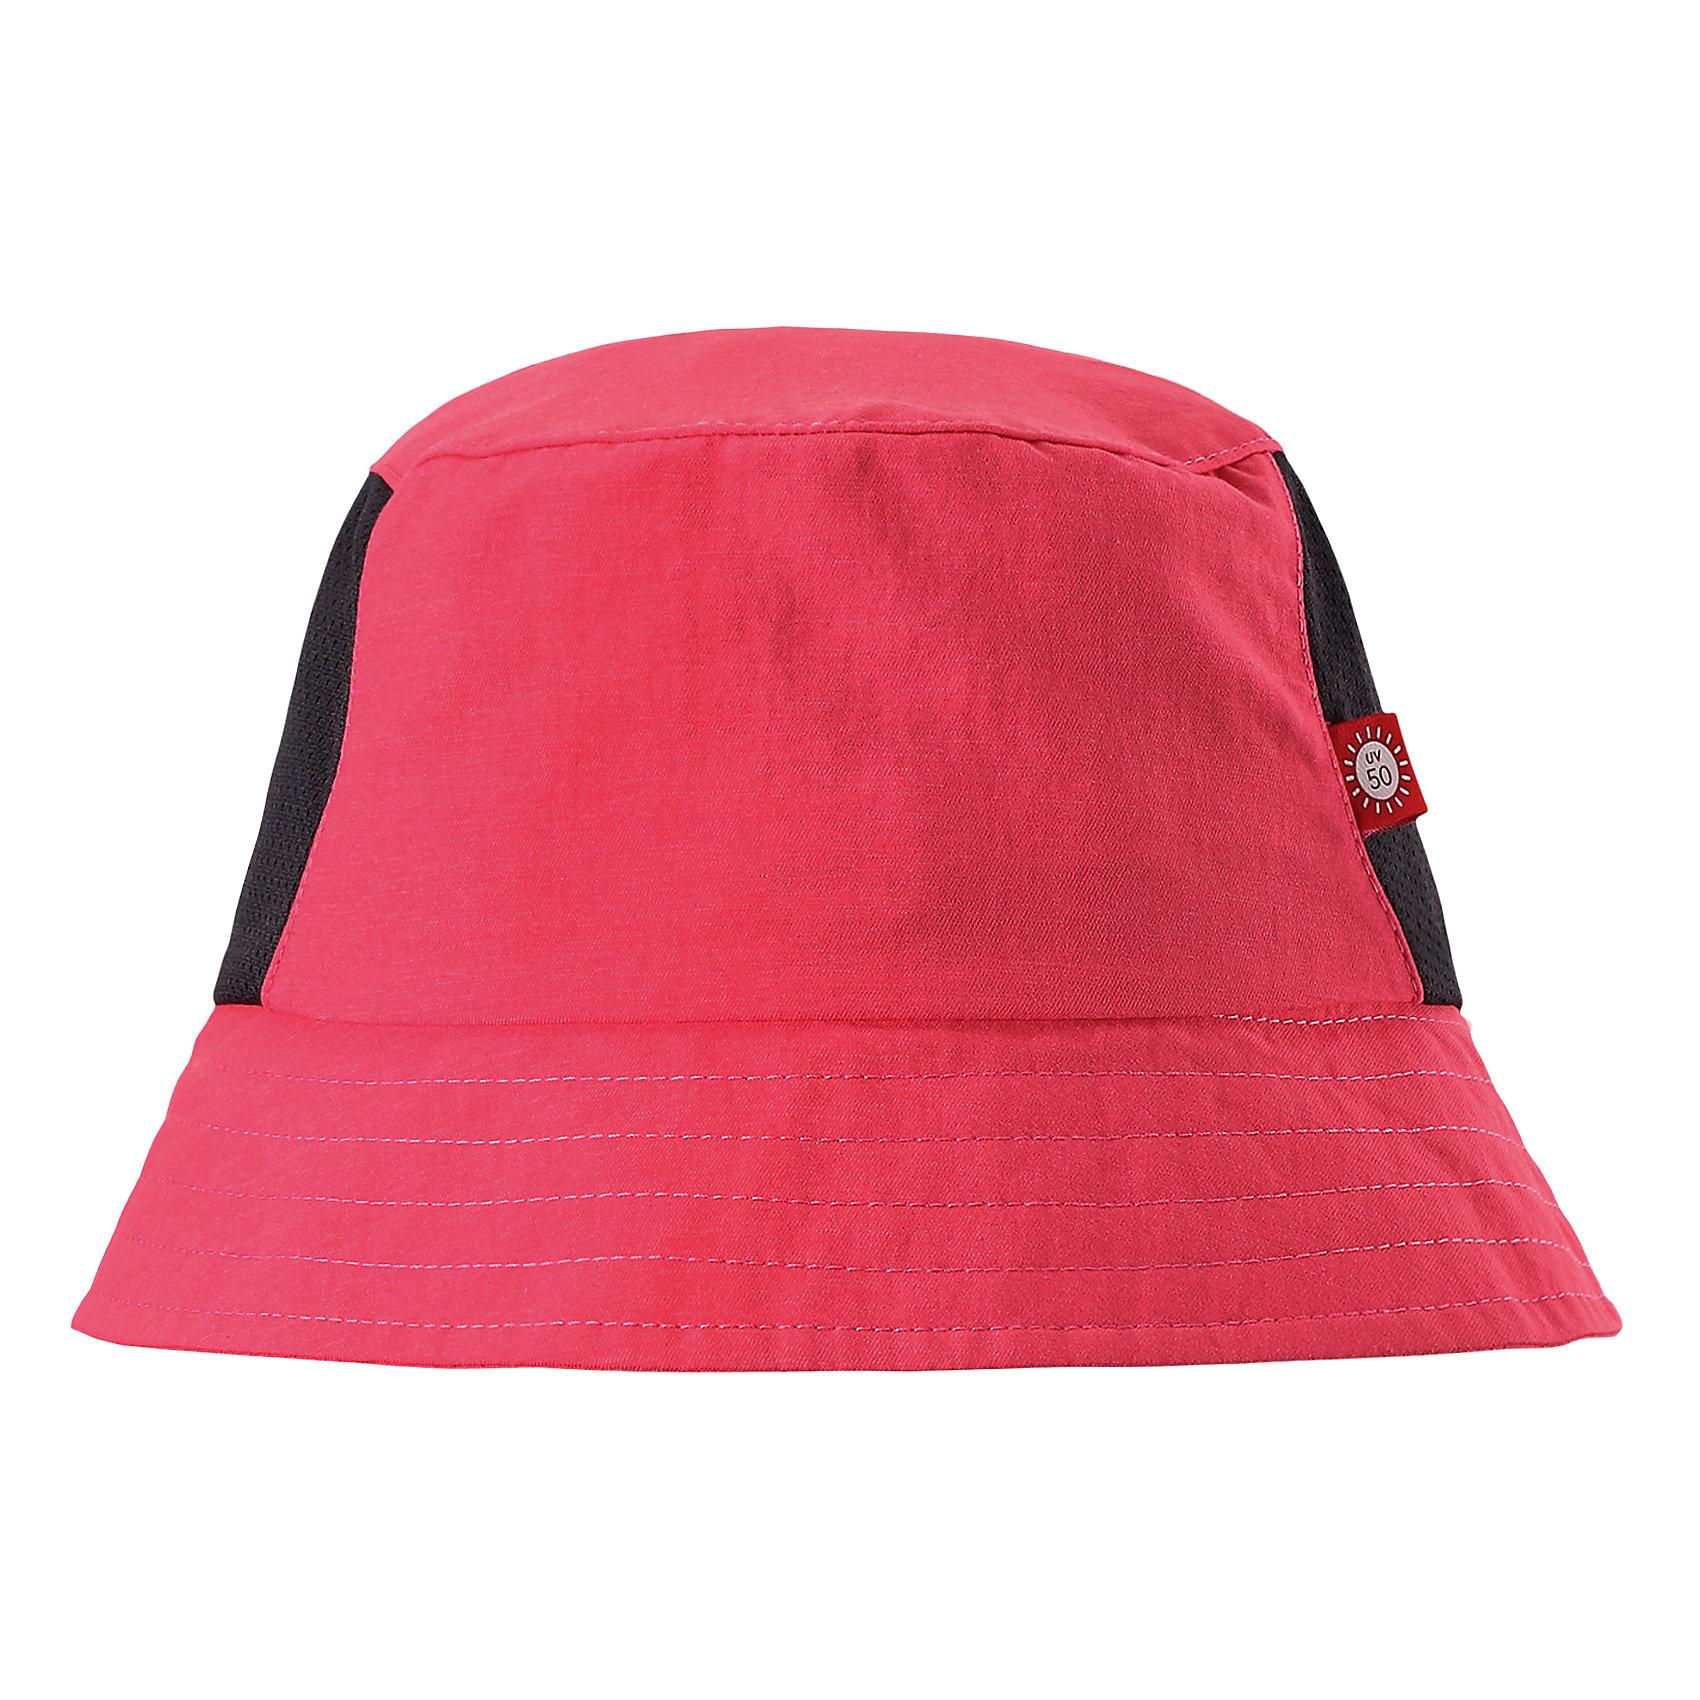 Панама Vimpa для девочки ReimaШапки и шарфы<br>Характеристики товара:<br><br>• цвет: розовый<br>• состав: 92% полиамид, 8% полиэстер<br>• фактор защиты от ультрафиолета: 50+<br>• дышащий материал с охлаждающим эффектом<br>• стильный защитный козырёк<br>• защищает от солнца<br>• облегчённая модель без подкладки<br>• эмблема Reima сбоку<br>• страна бренда: Финляндия<br>• страна производства: Китай<br><br>Детский головной убор может быть модным и удобным одновременно! Стильная панама поможет обеспечить ребенку комфорт и дополнить наряд. Панама удобно сидит и аккуратно выглядит. Проста в уходе, долго служит. Стильный дизайн разрабатывался специально для детей. Отличная защита от солнца!<br><br>Уход:<br><br>• стирать с бельем одинакового цвета<br>• стирать моющим средством, не содержащим отбеливающие вещества<br>• полоскать без специального средства<br>• во избежание изменения цвета изделие необходимо вынуть из стиральной машинки незамедлительно после окончания программы стирки<br>• сушить при низкой температуре.<br><br>Панаму для мальчика от финского бренда Reima (Рейма) можно купить в нашем интернет-магазине.<br><br>Ширина мм: 89<br>Глубина мм: 117<br>Высота мм: 44<br>Вес г: 155<br>Цвет: розовый<br>Возраст от месяцев: 9<br>Возраст до месяцев: 18<br>Пол: Женский<br>Возраст: Детский<br>Размер: 48,56,54,52,50<br>SKU: 5267742